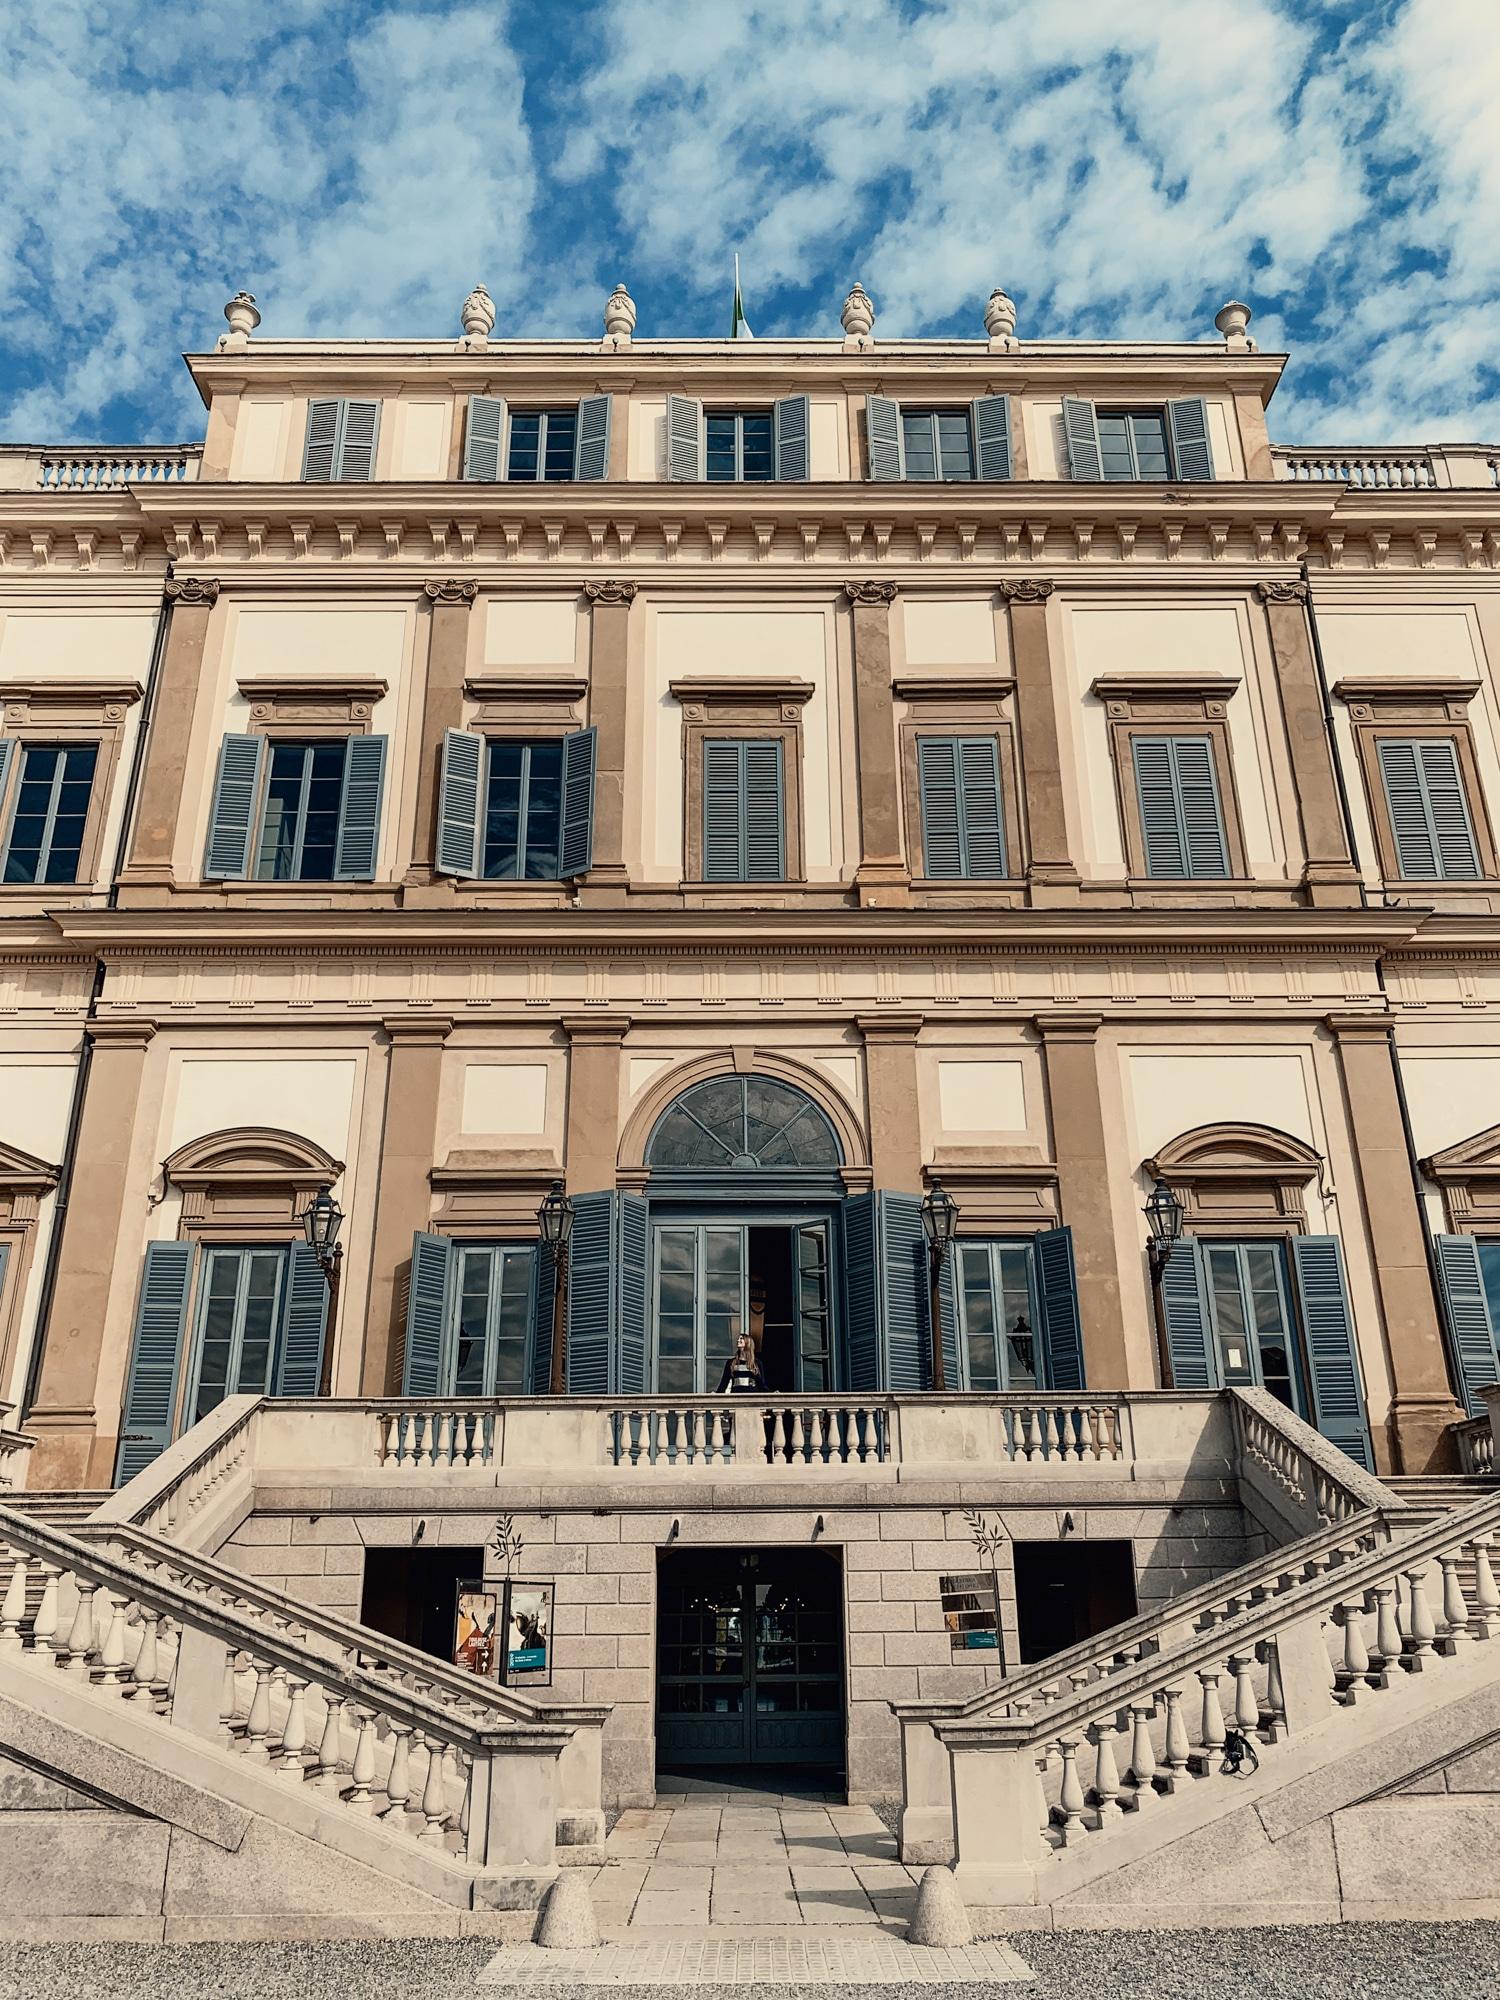 Monza und Brianza: Sehenswürdigkeiten und Highlights in der Lombardei - Villa Reale